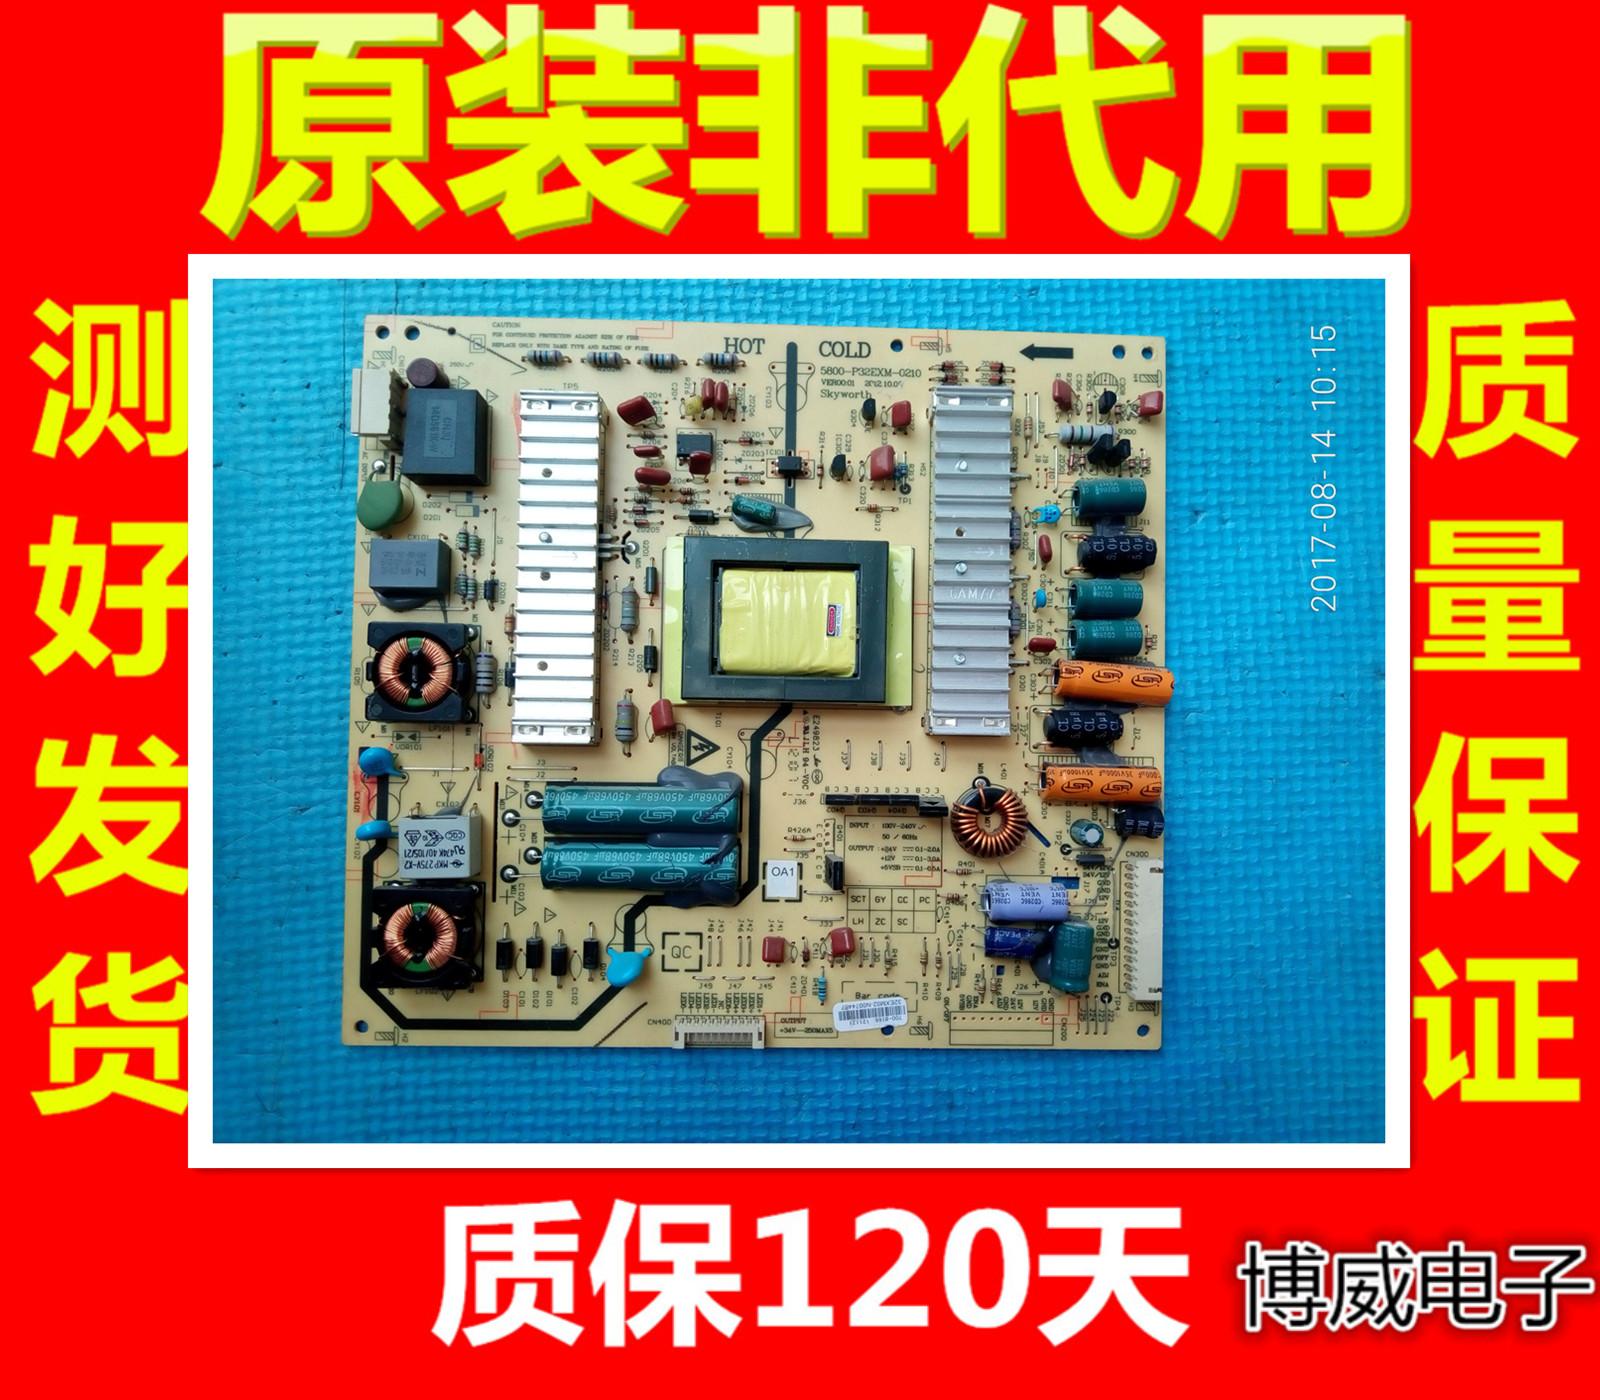 Skyworth 32E55HE TV Originale a Cristalli Liquidi e il potere del Consiglio di un P32EXM un 020000000210 5.800